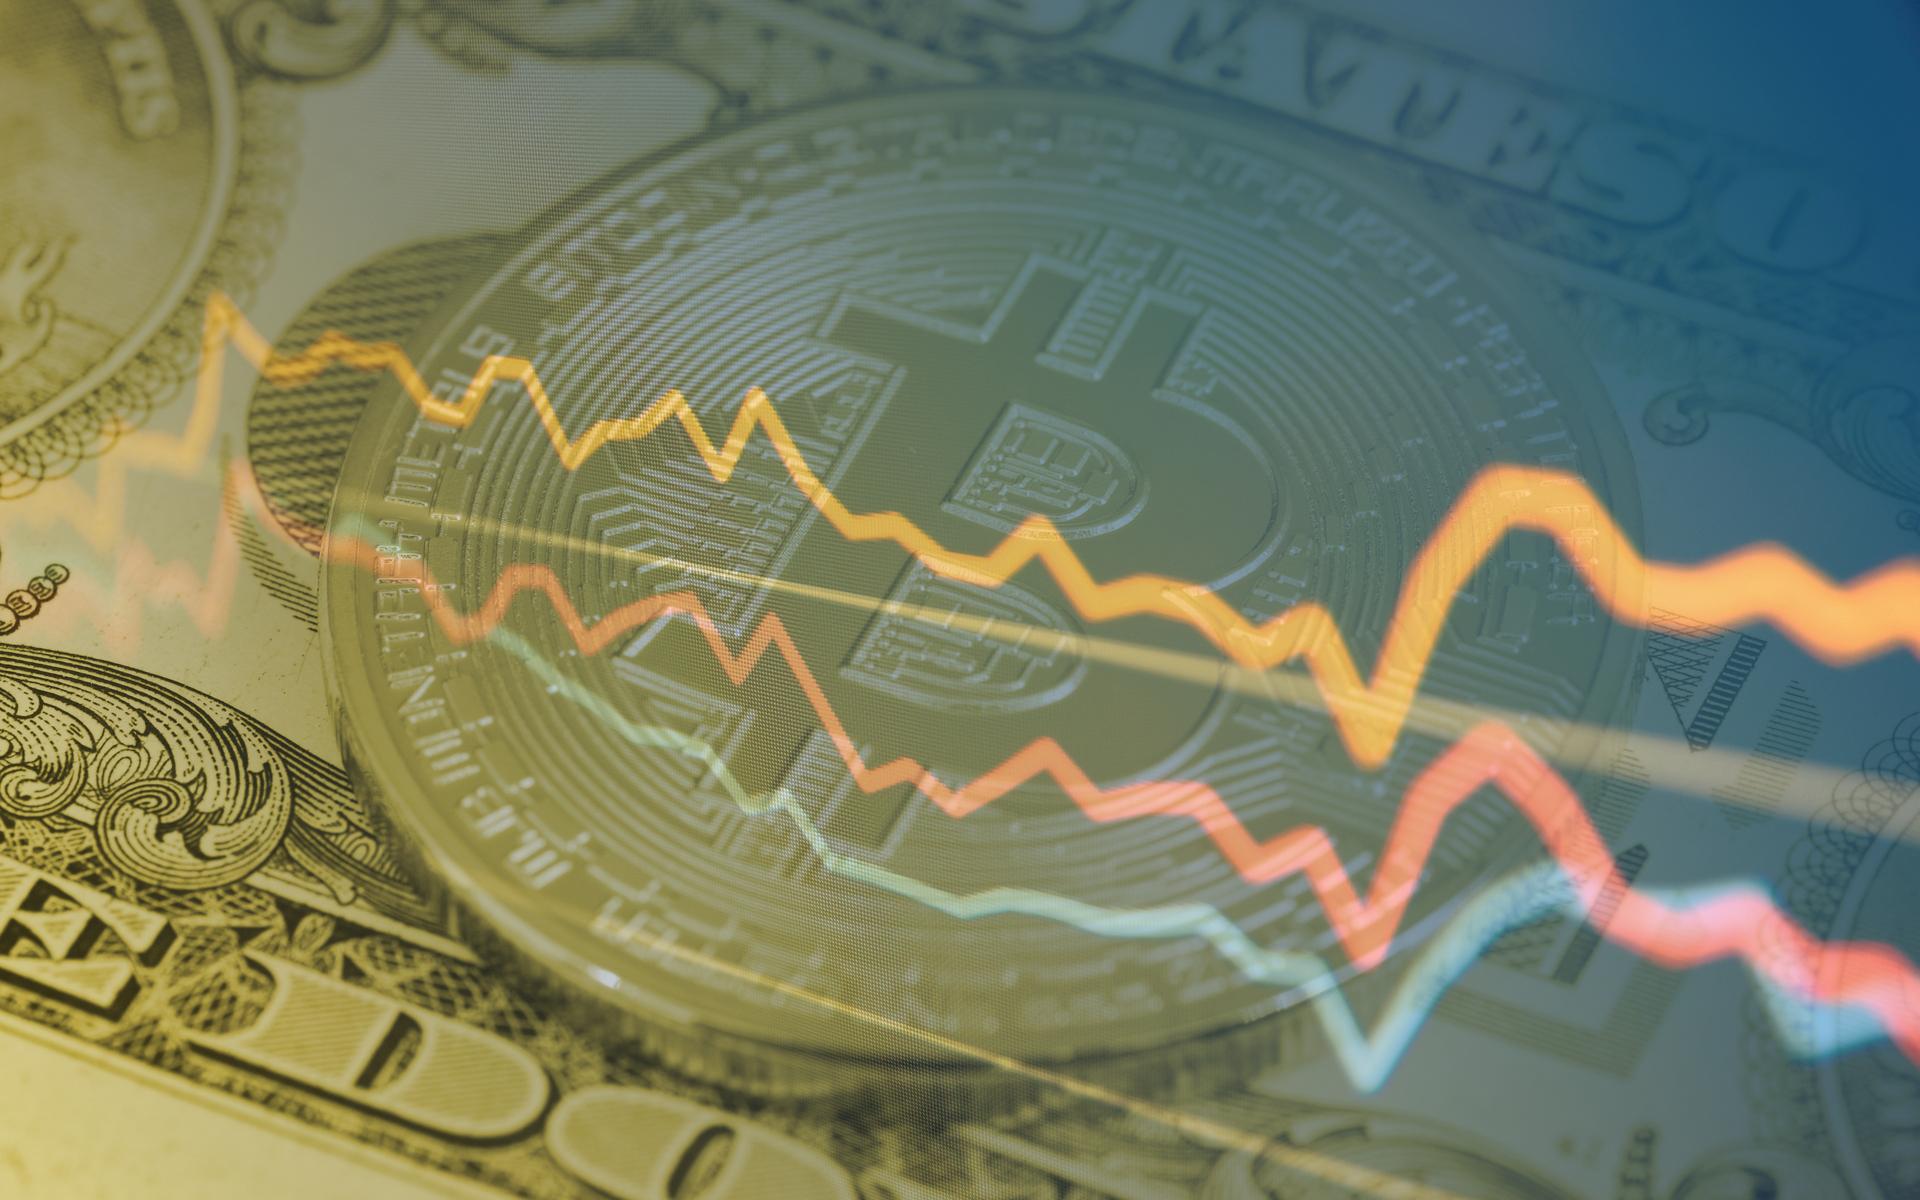 stock market bitcoin s&p 500